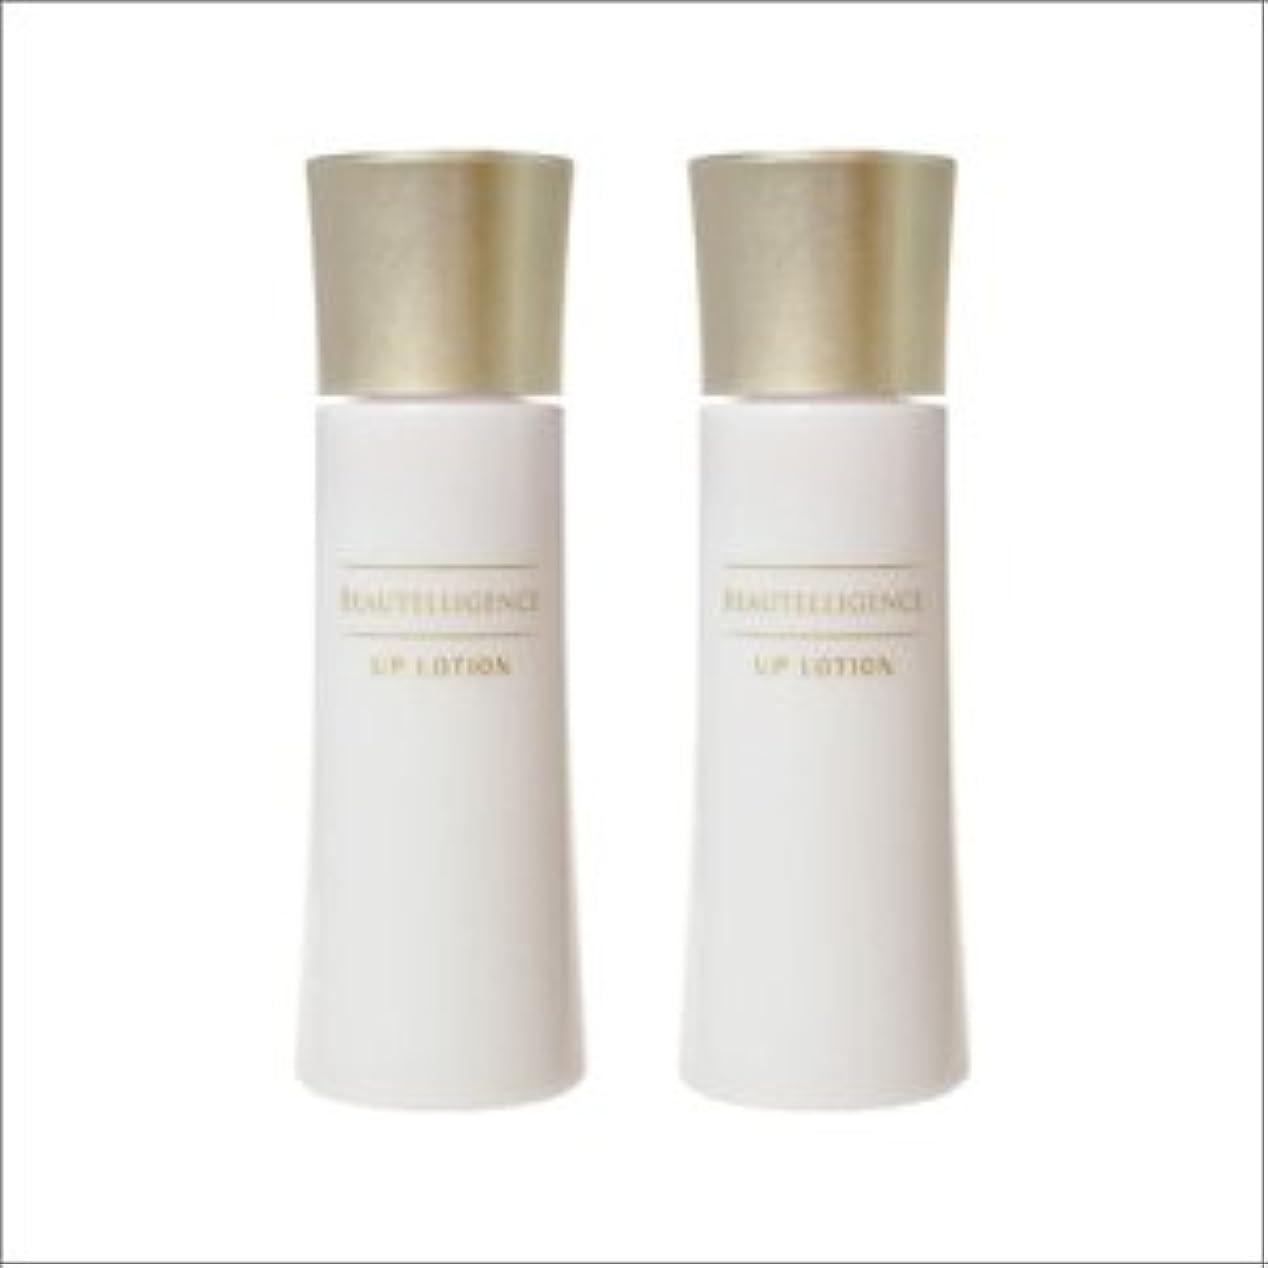 植生接ぎ木モーテル2本セット アップローション ひきしめ 化粧水 美容液 ハリ NEWA オシリフト グリシルグリシンエイジングケア